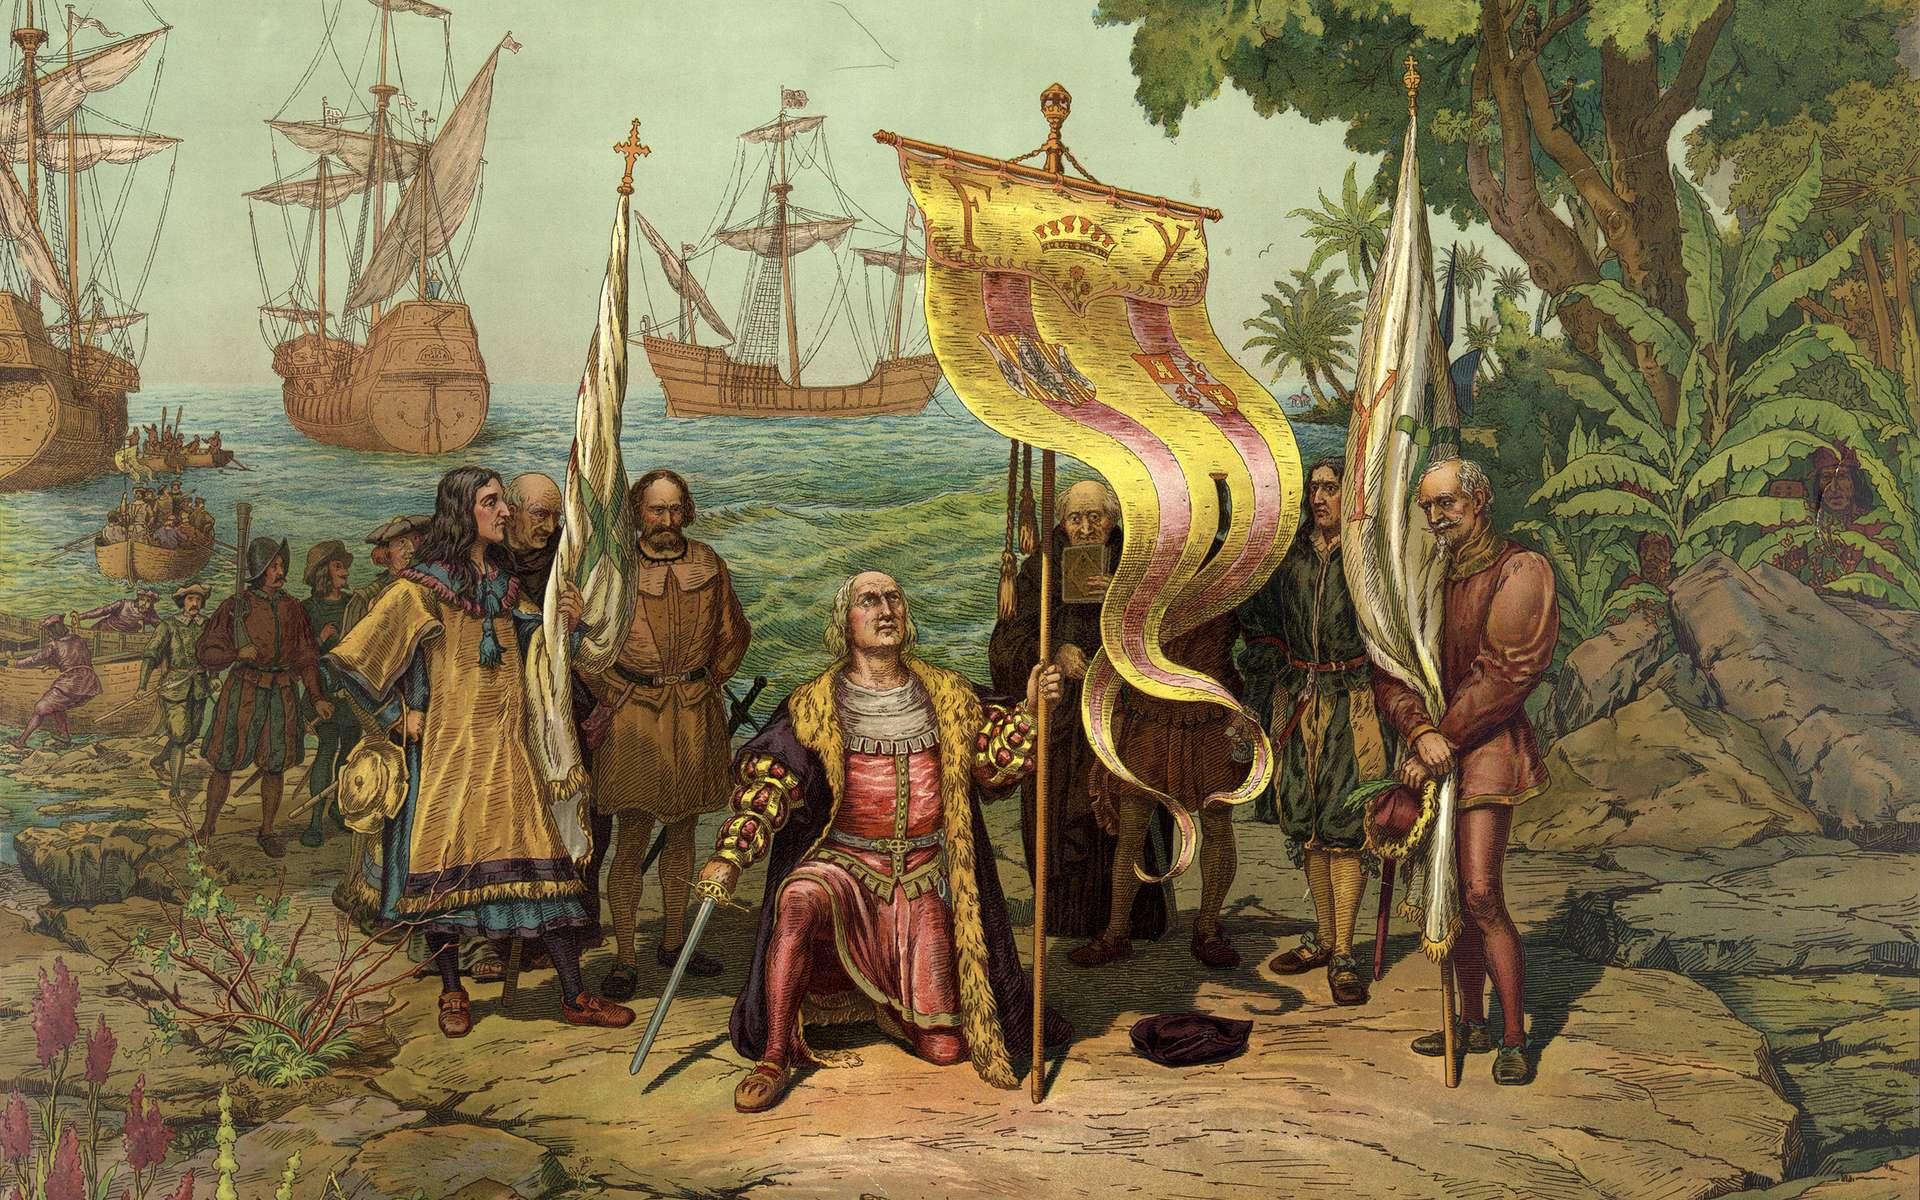 Débarquement de Christophe Colomb sur l'île de San Salvador (Bahamas). Malgré plusieurs expéditions, Christophe Colomb n'accosta jamais sur la partie continentale de l'Amérique. © Wikimedia Commons, domaine public.